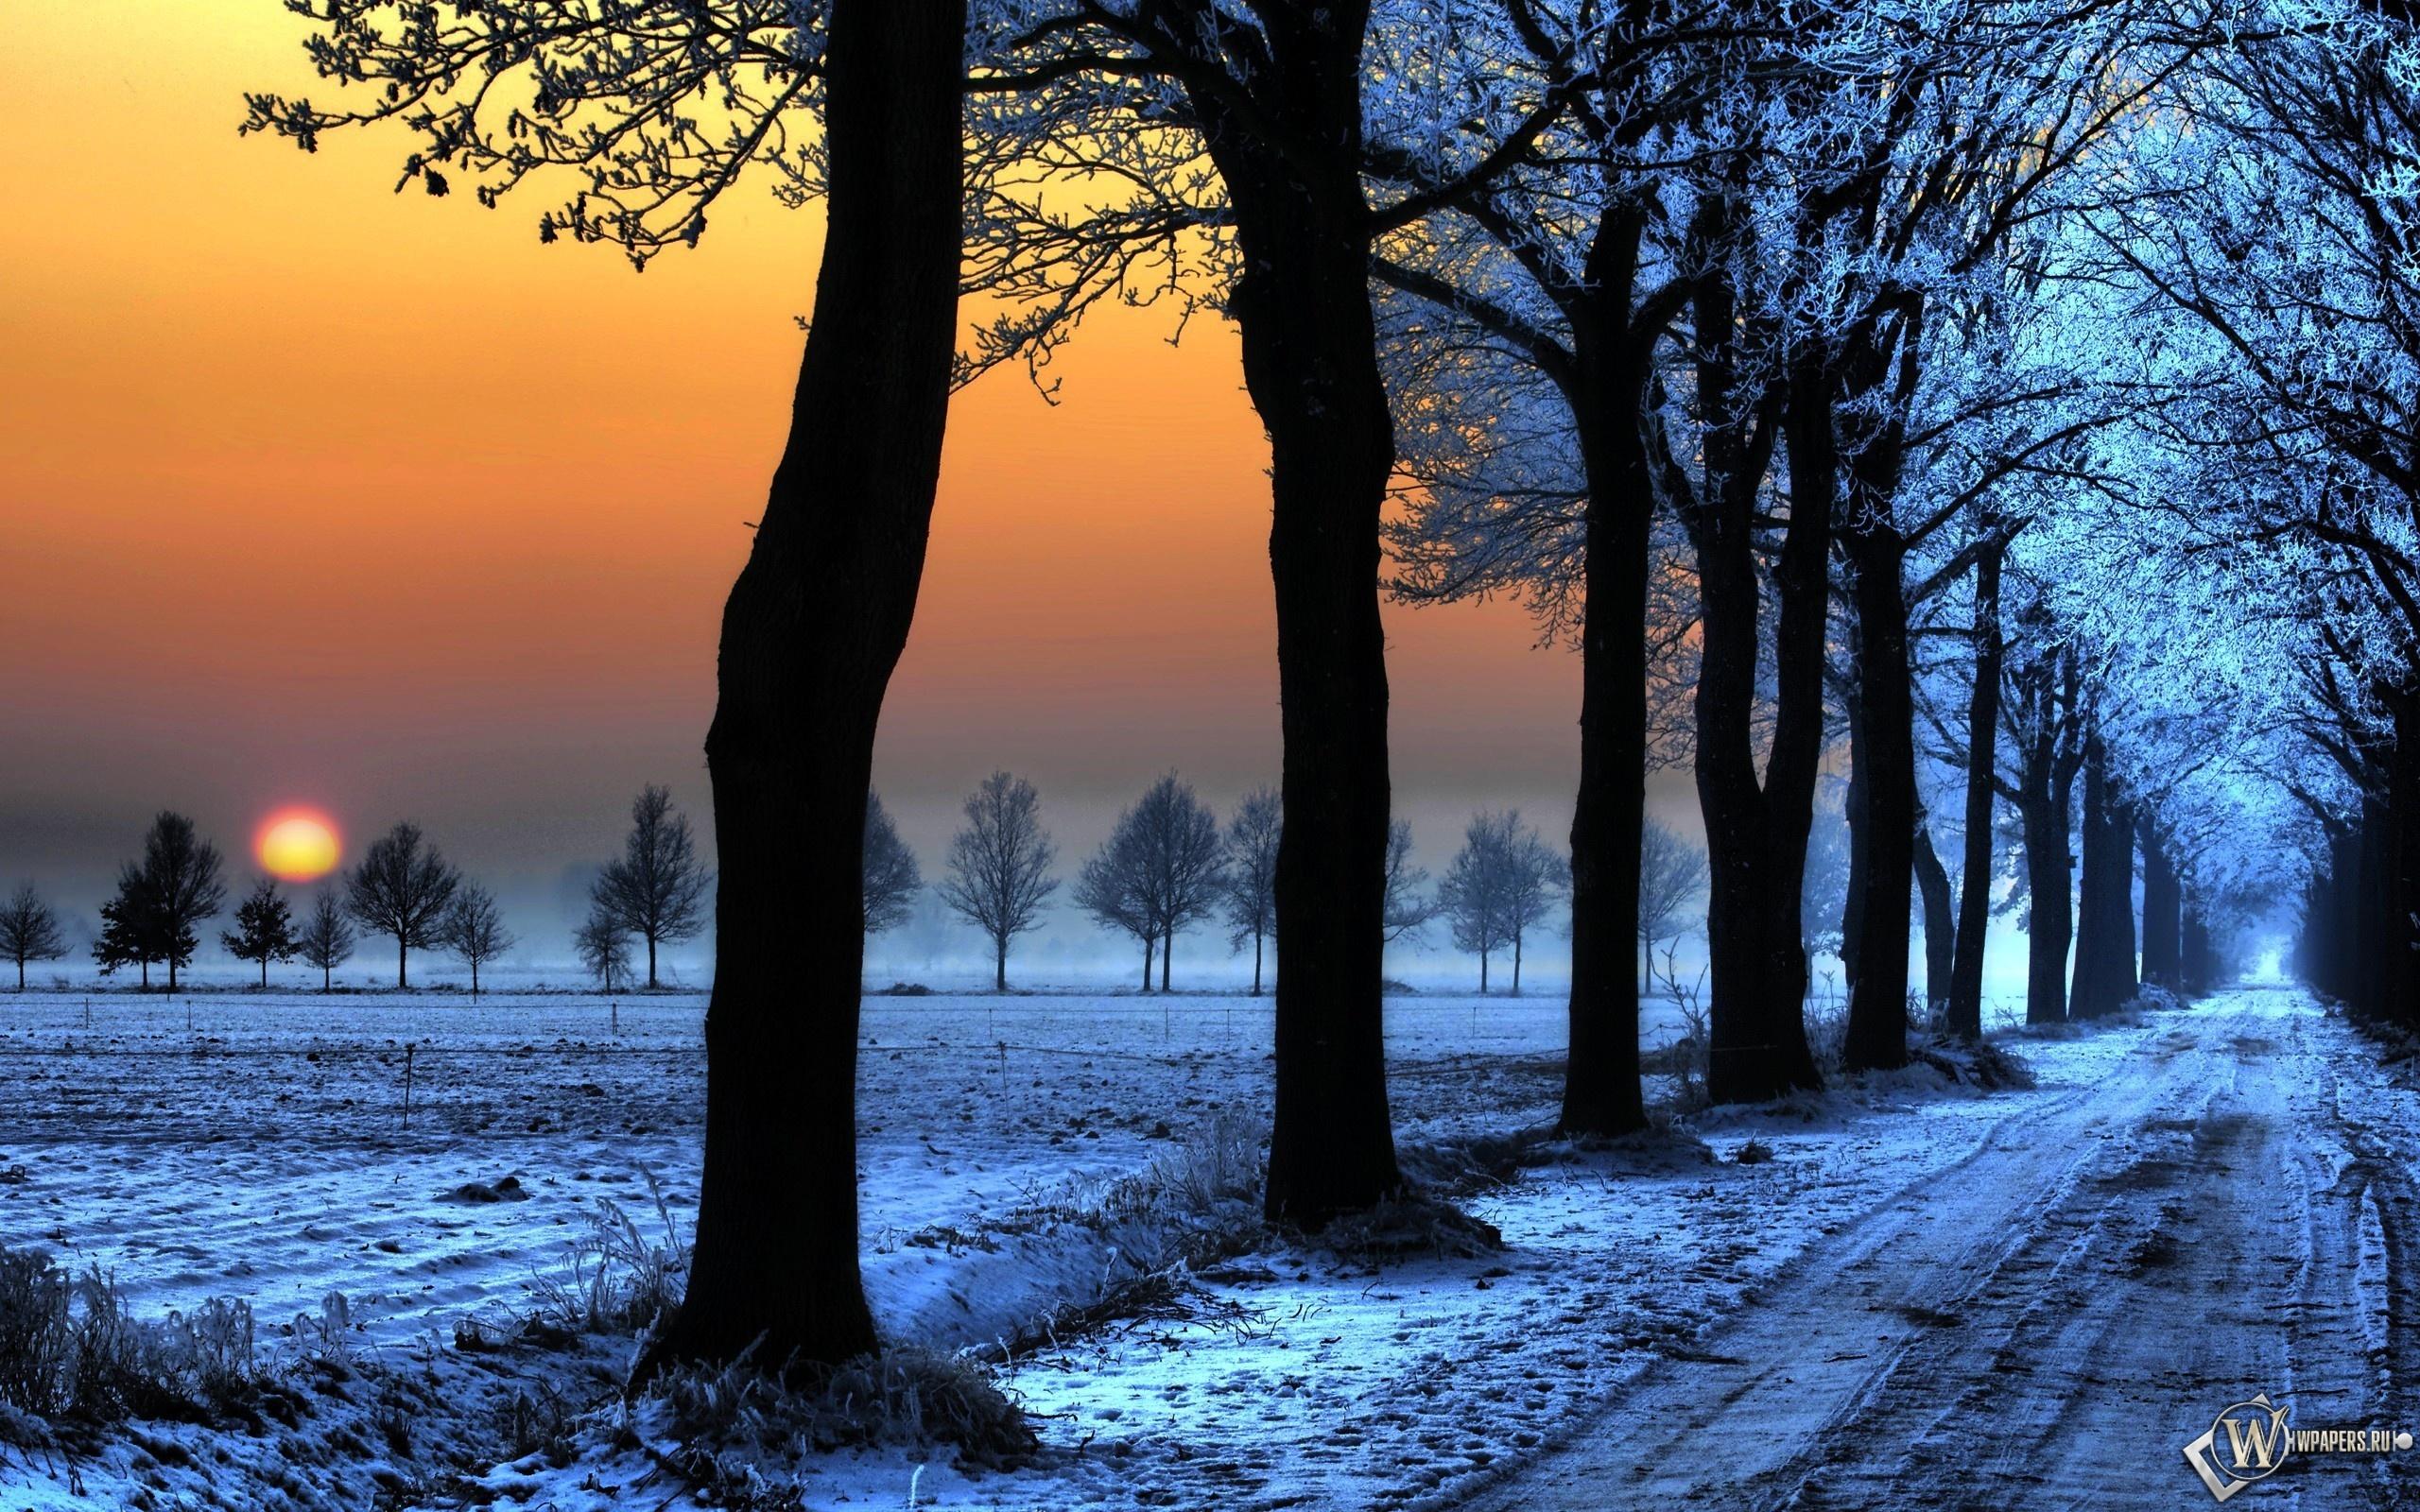 Зимняя аллея на закате 2560x1600